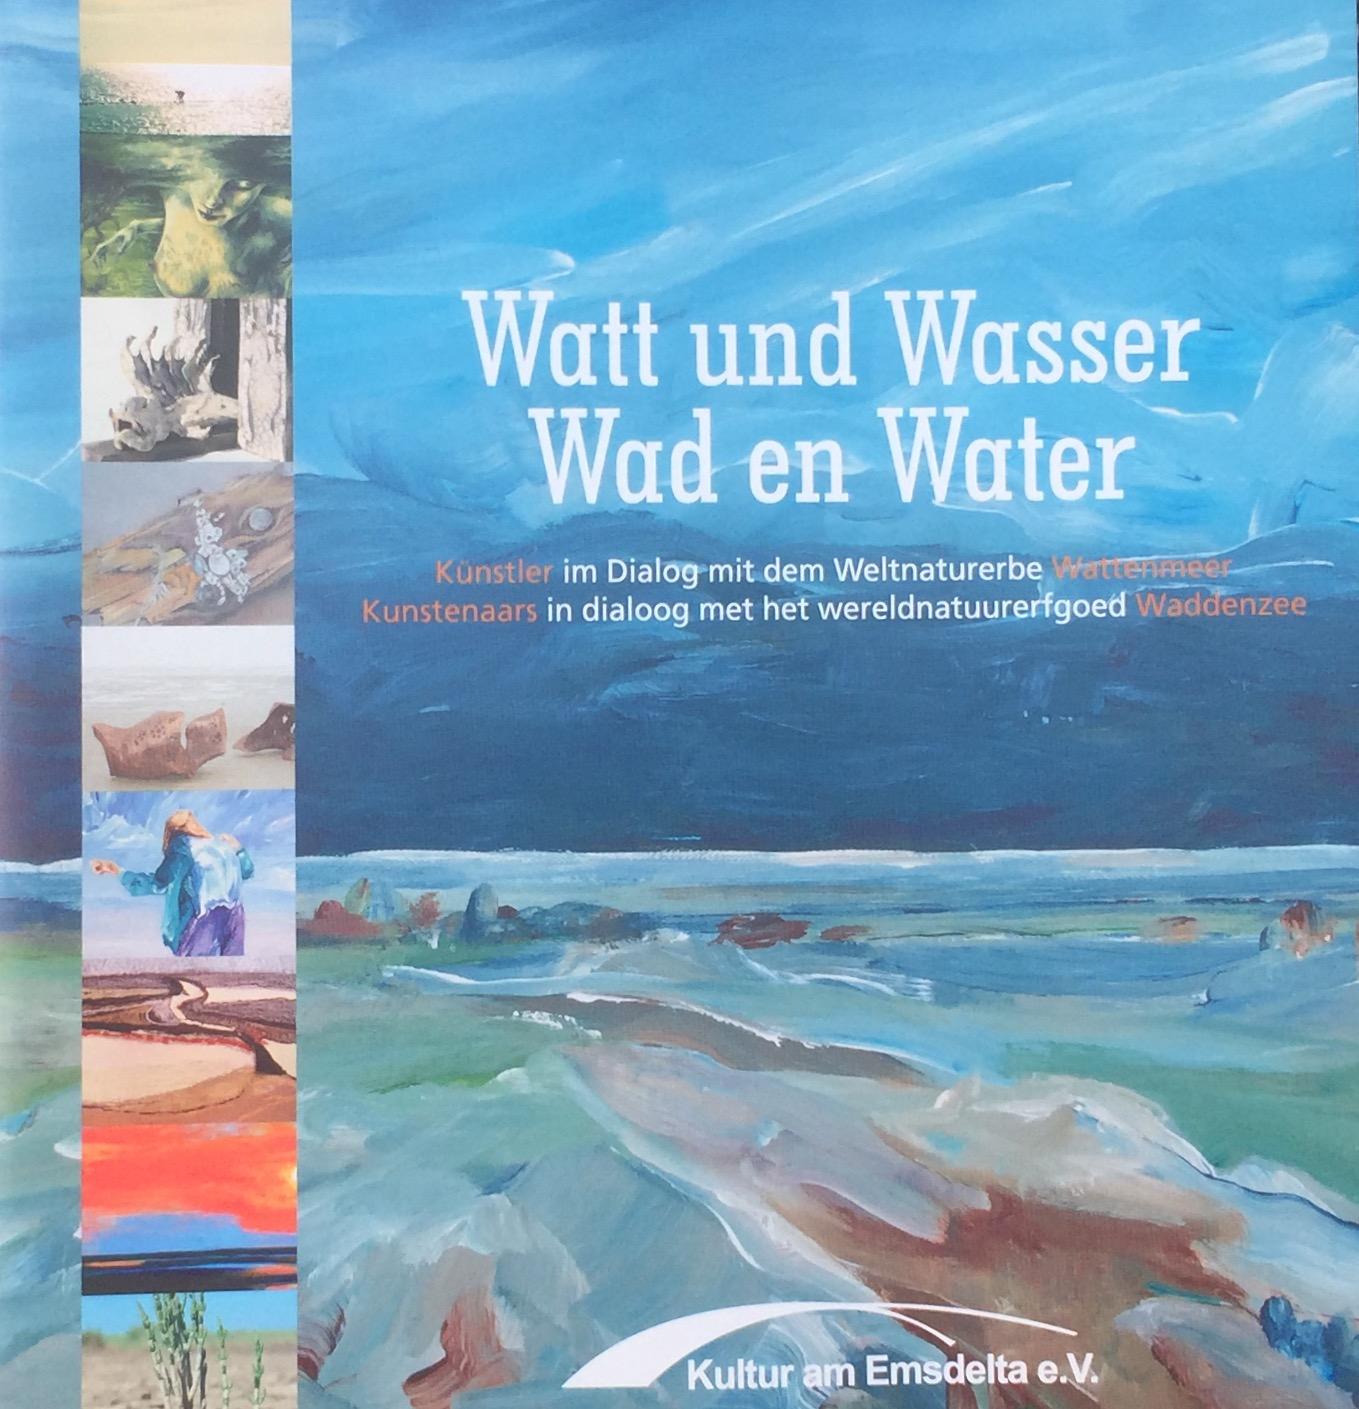 Watt und Wasser